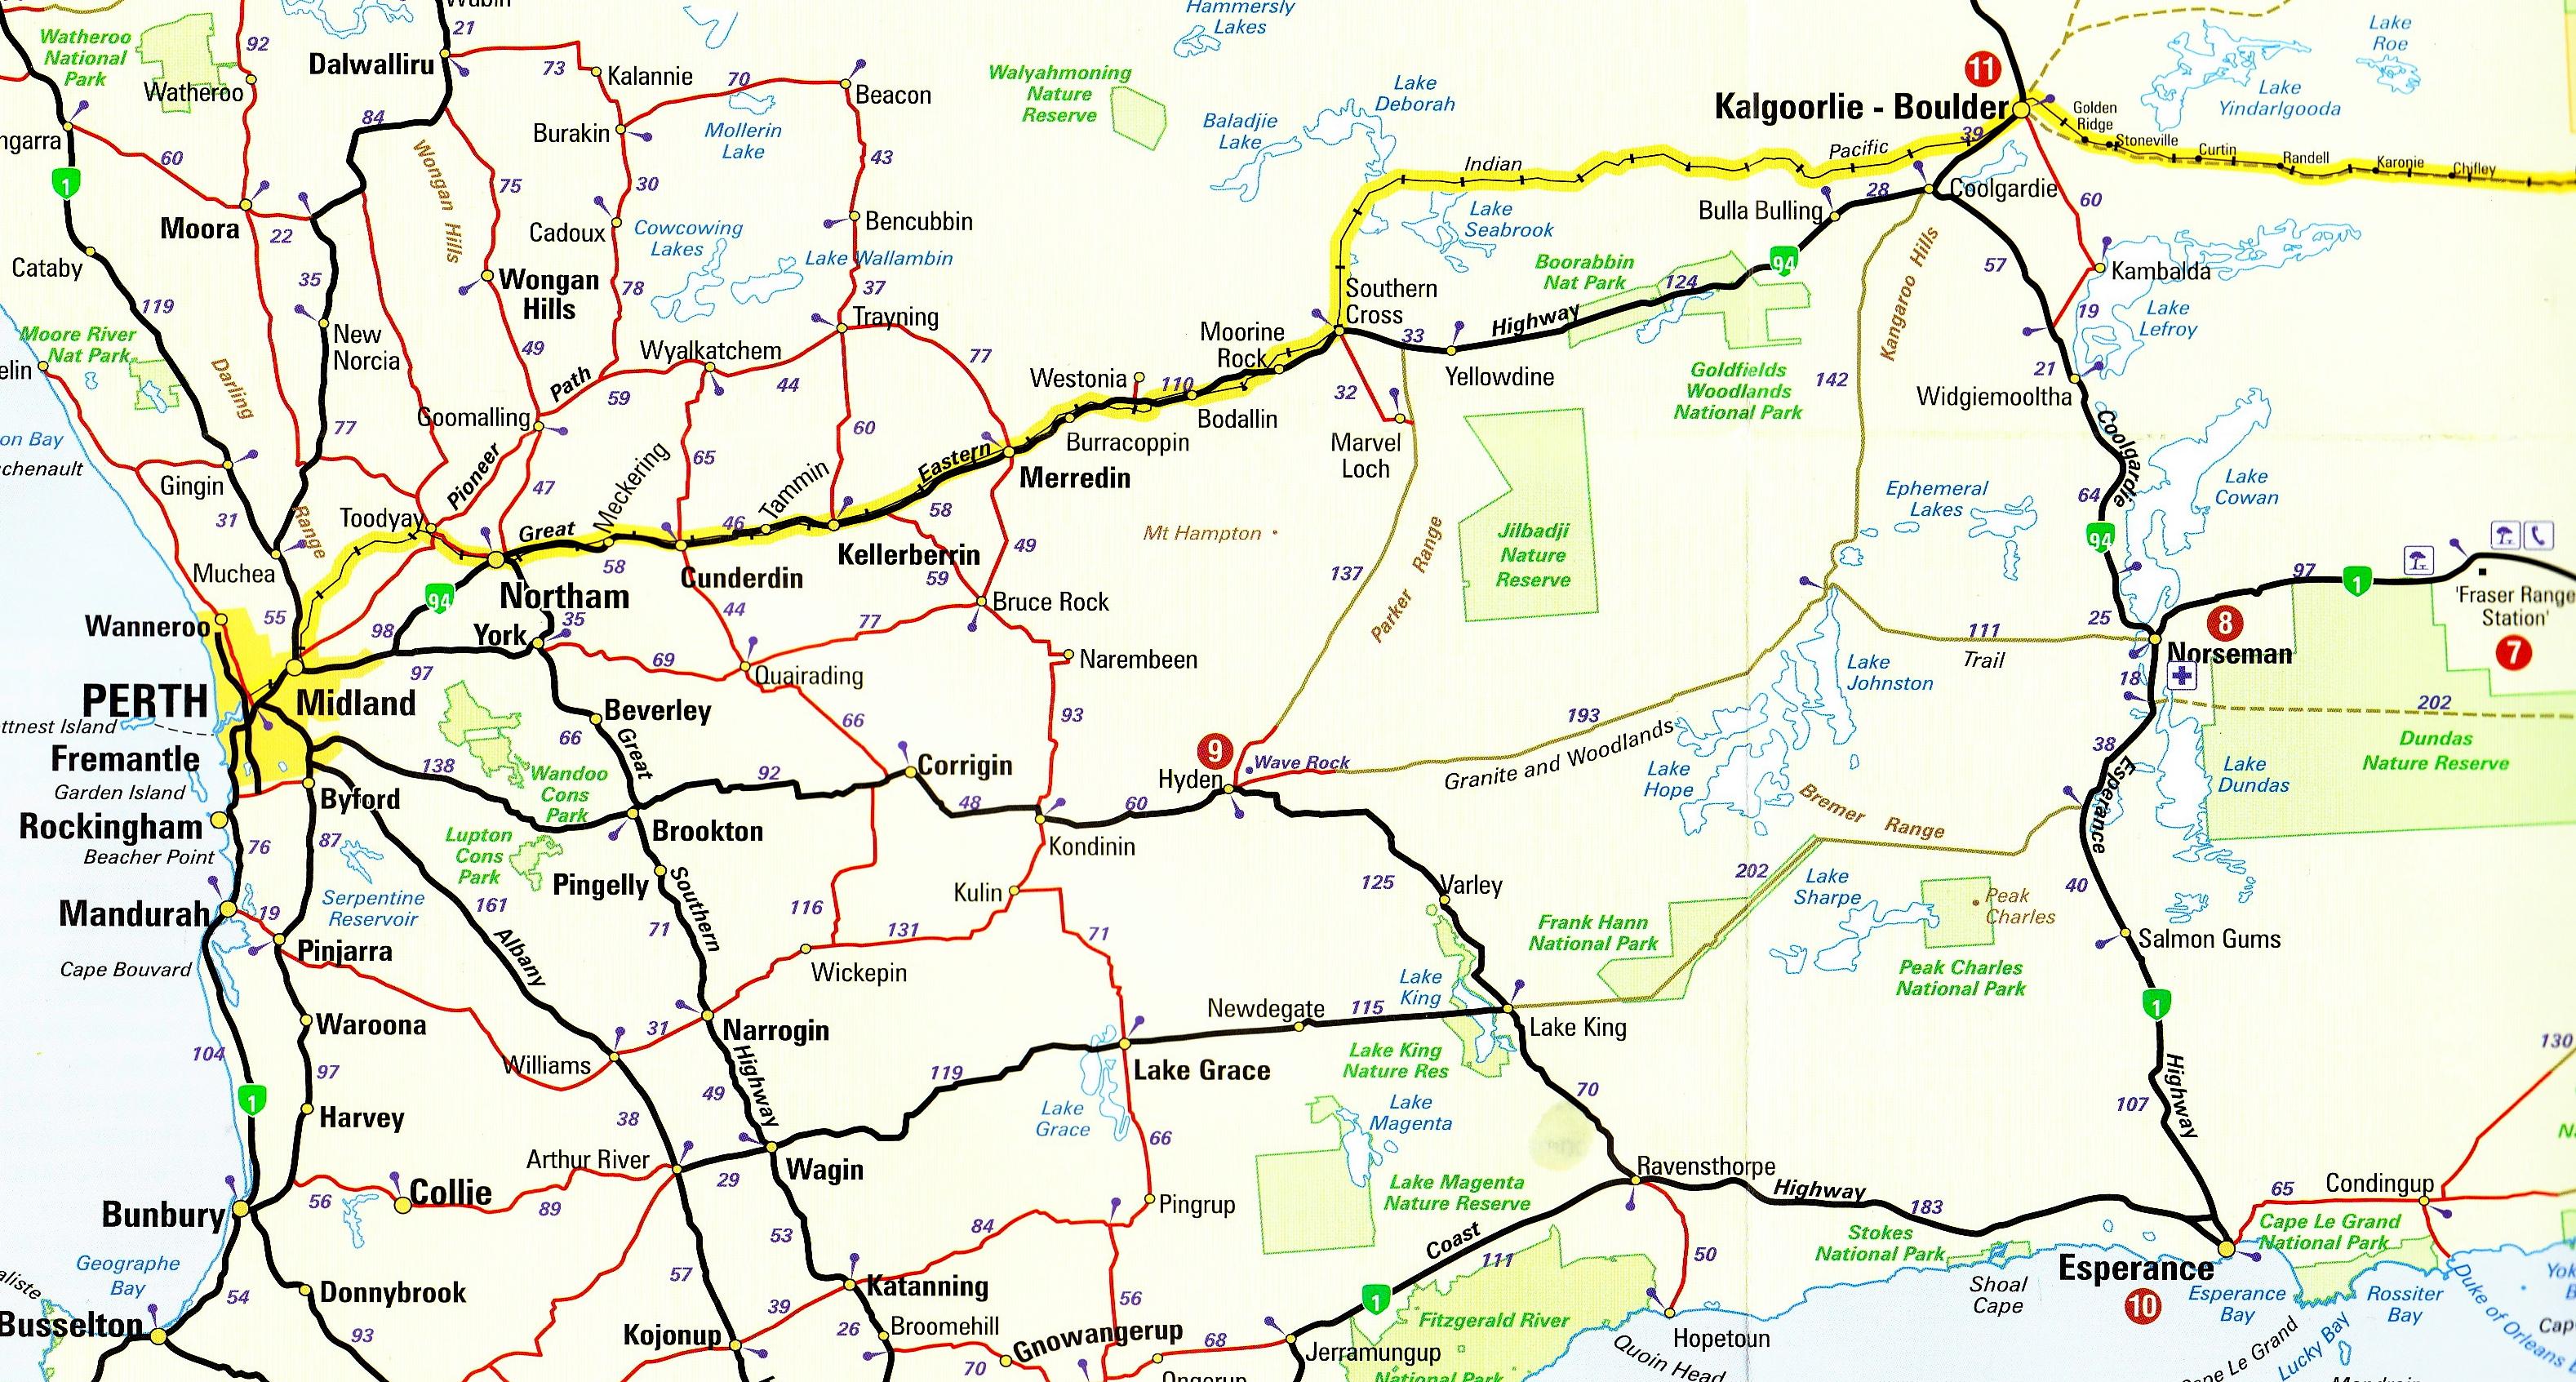 KalgoorlieBoulder The City That Gold Built P21chongs Blog